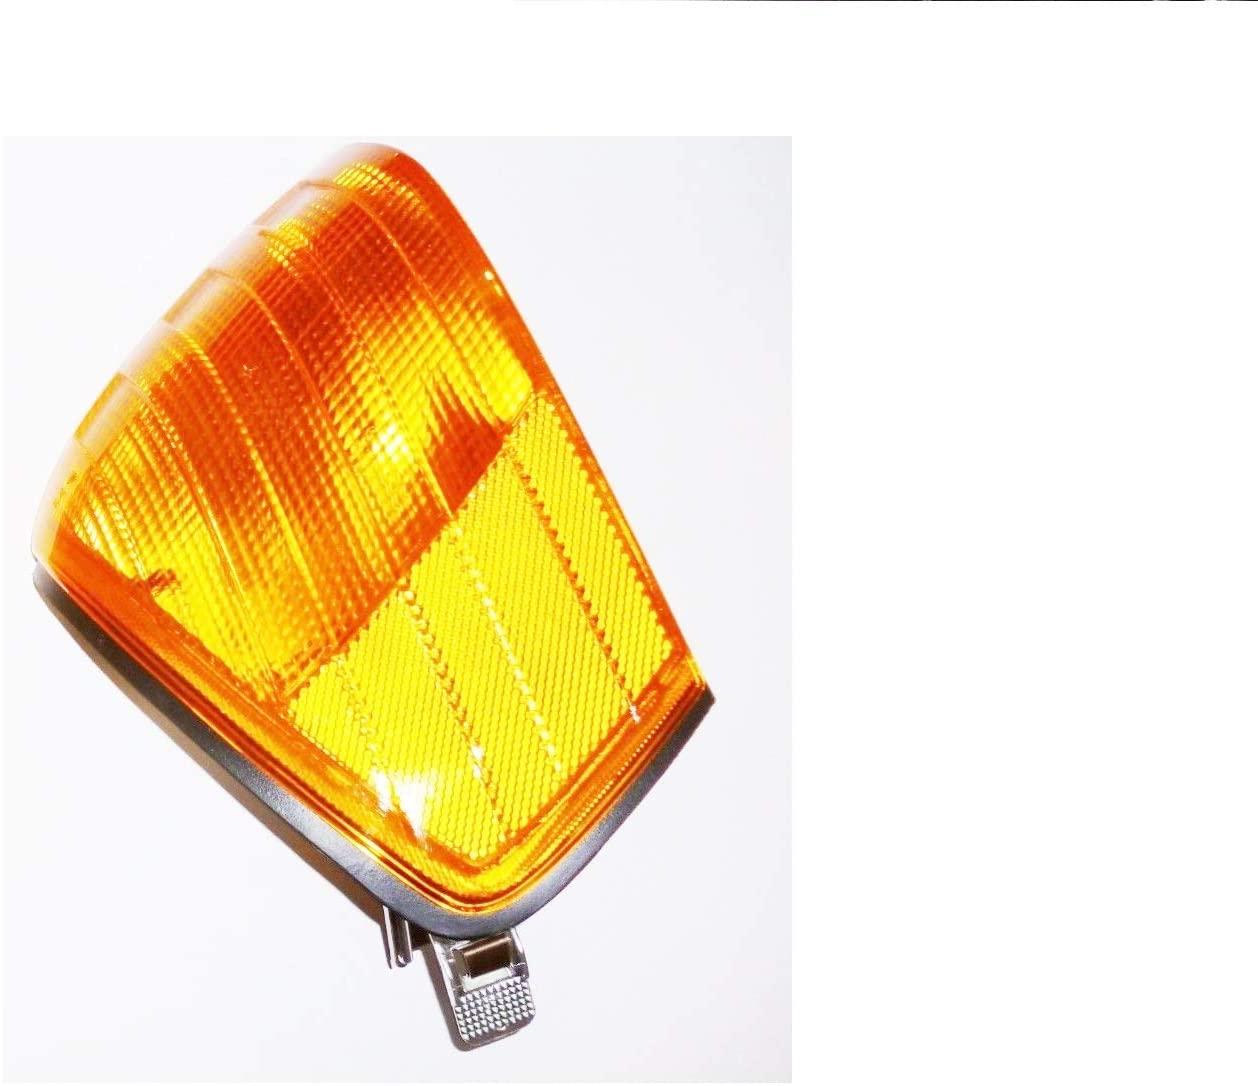 MERCEDES W129 89-95 SL320 SL500 SL600 Bosch 1305231913 Right Corner Signal 1298260343